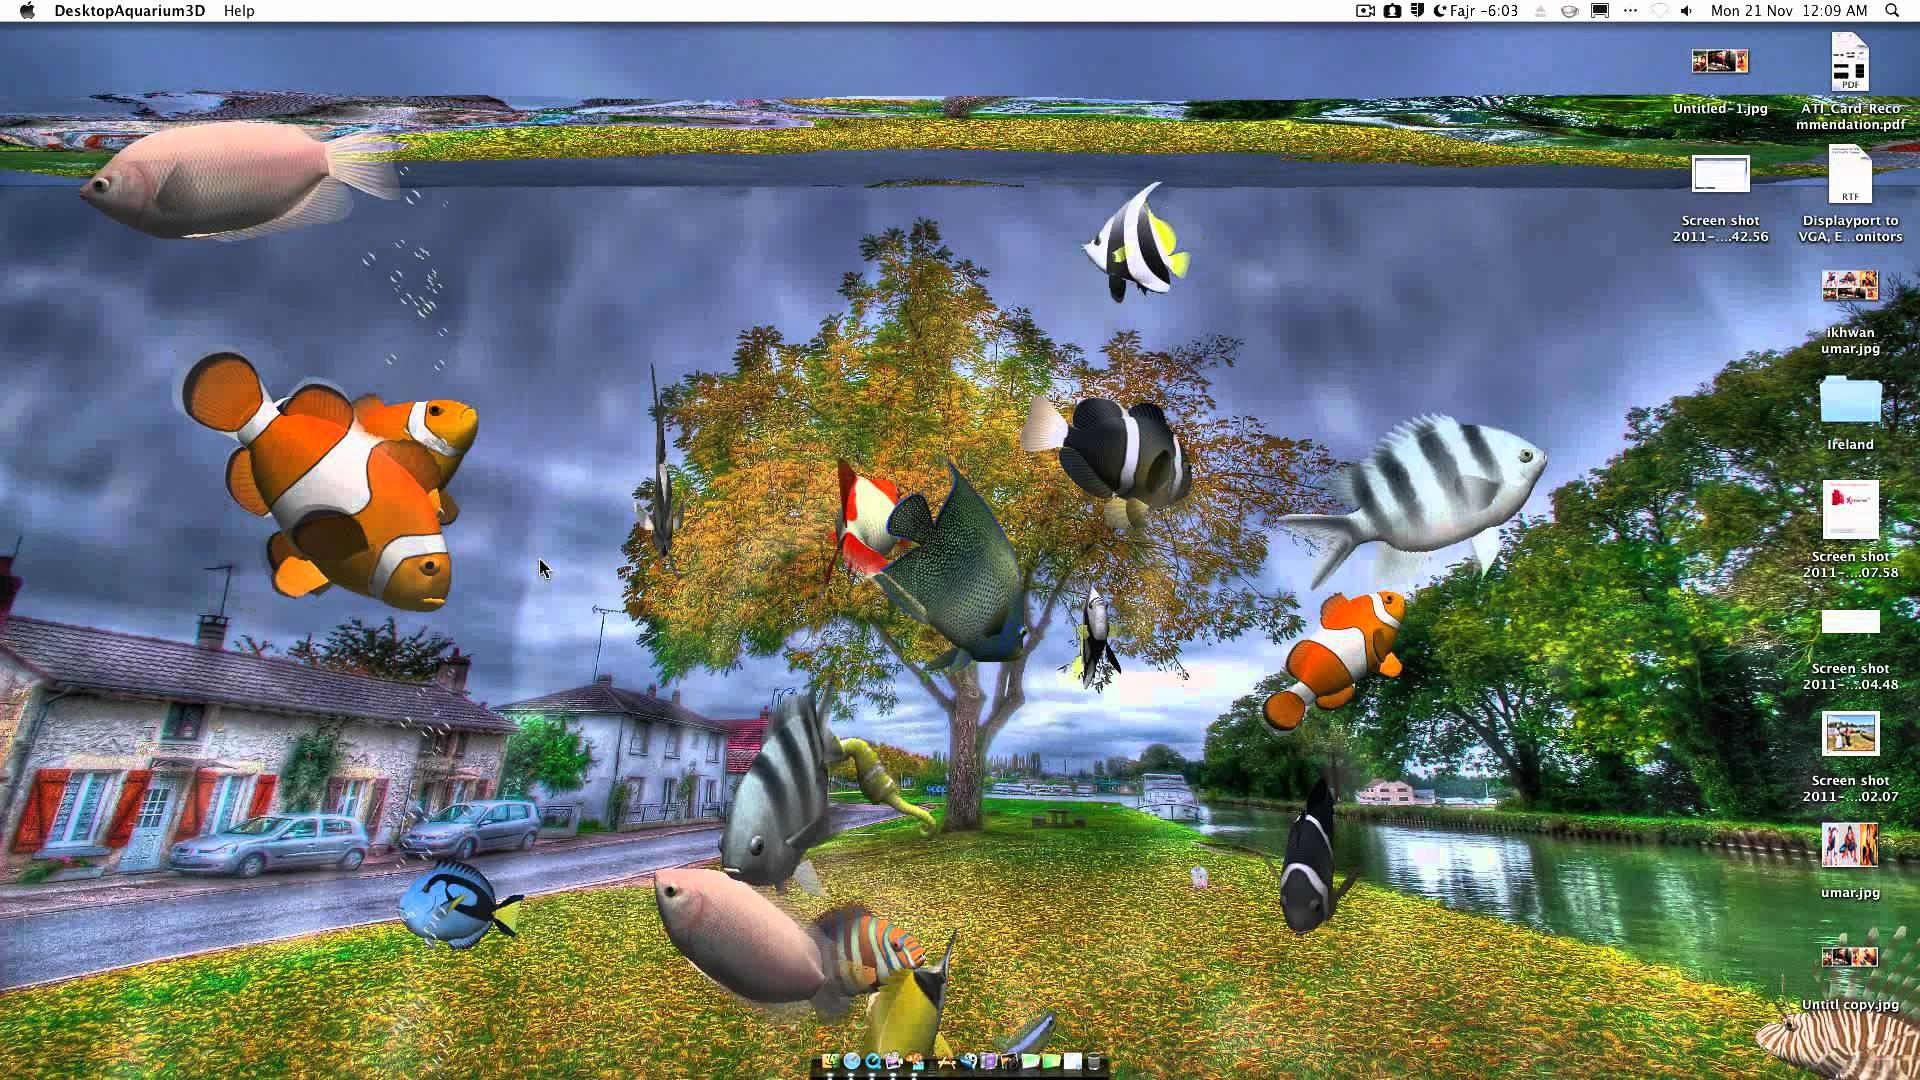 Desktop Aquarium 3D Live Wallpaper on Imac – YouTube